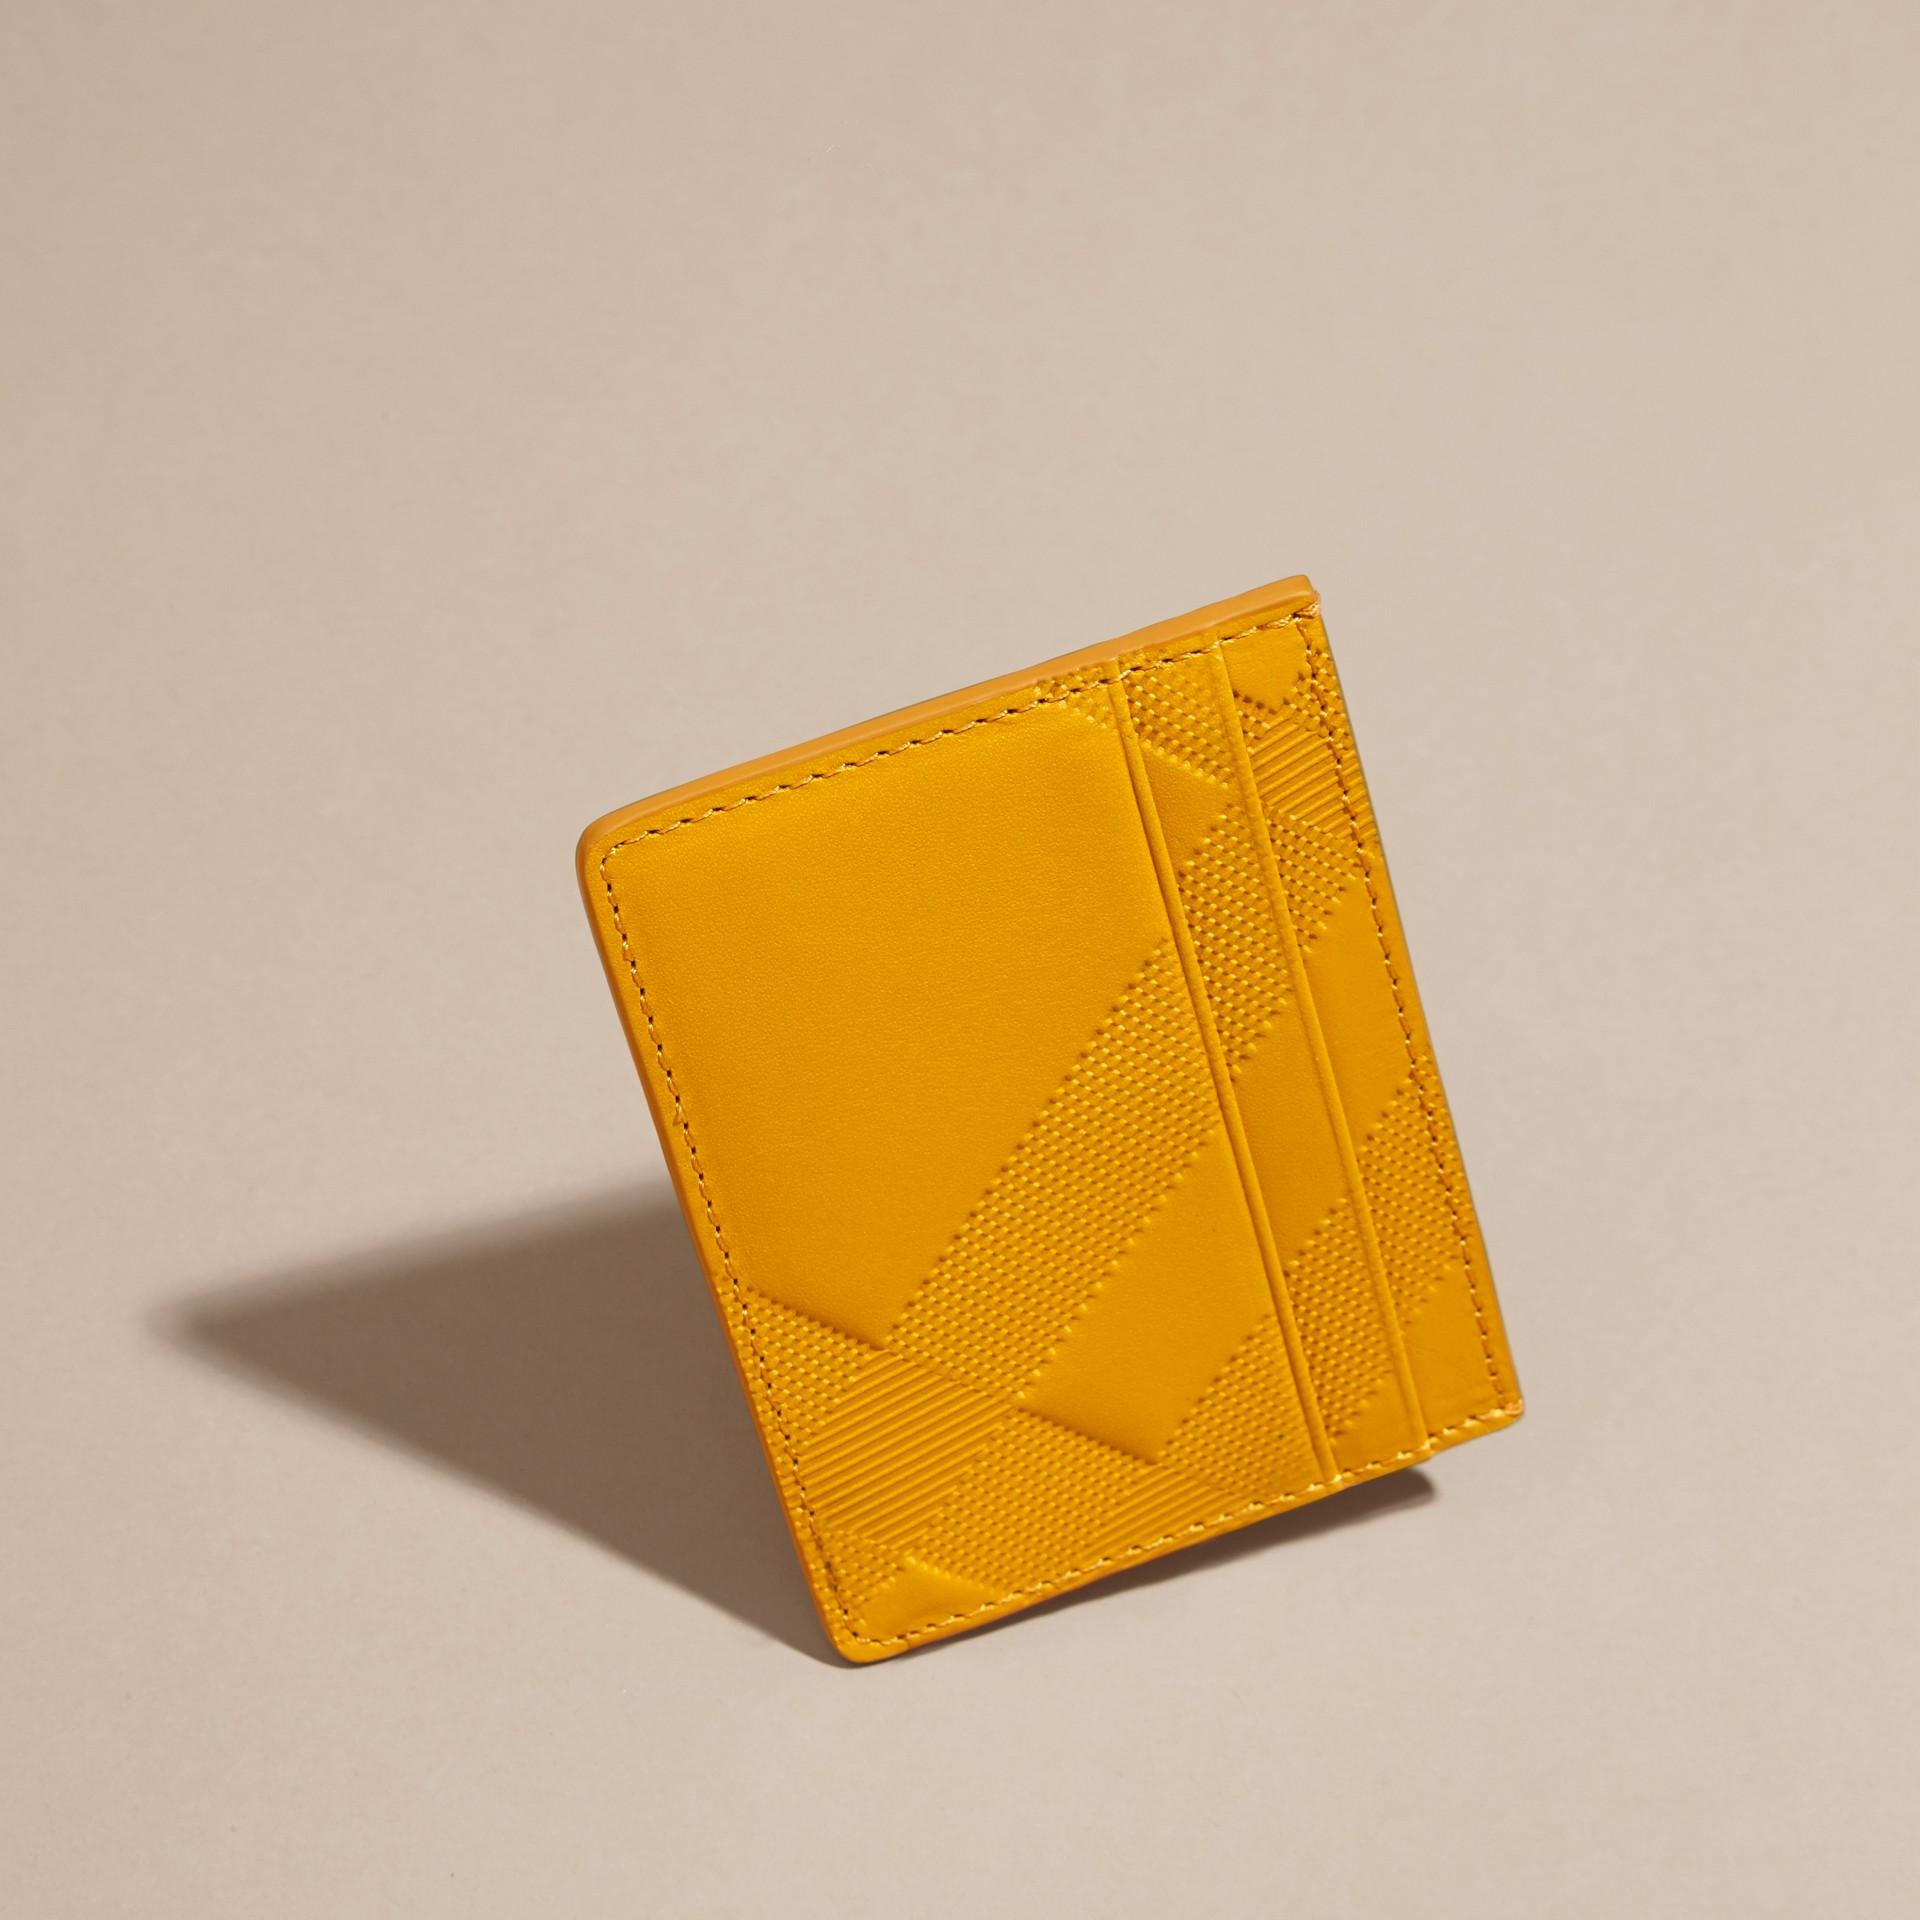 Giallo ambra Porta carte di credito in pelle con motivo check in rilievo Giallo Ambra - immagine della galleria 3